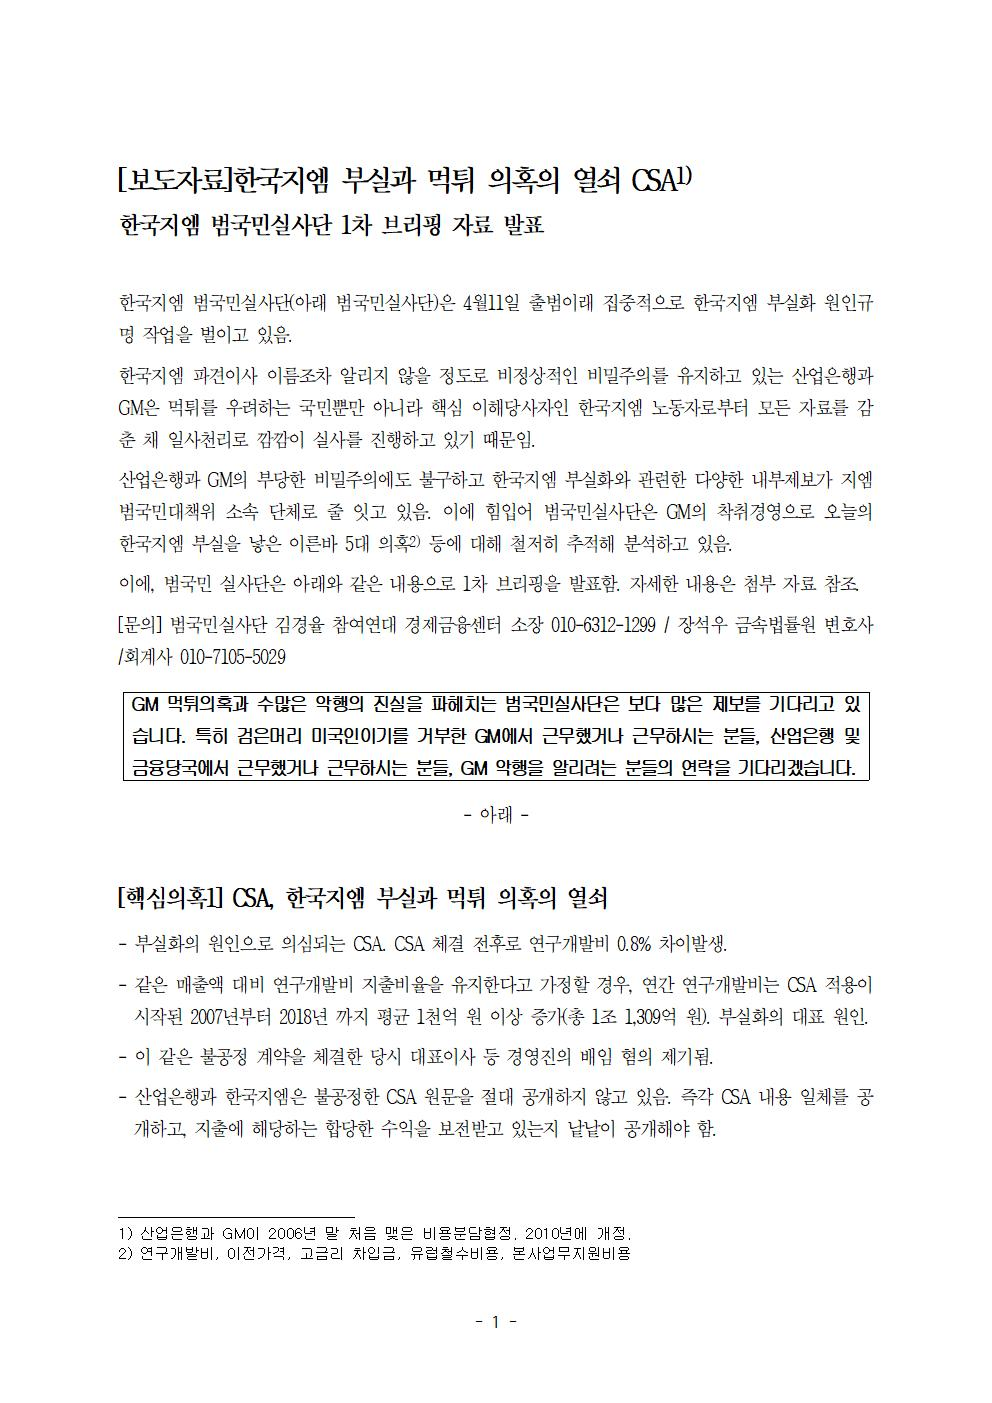 한국지엠범국민실사단001.jpg